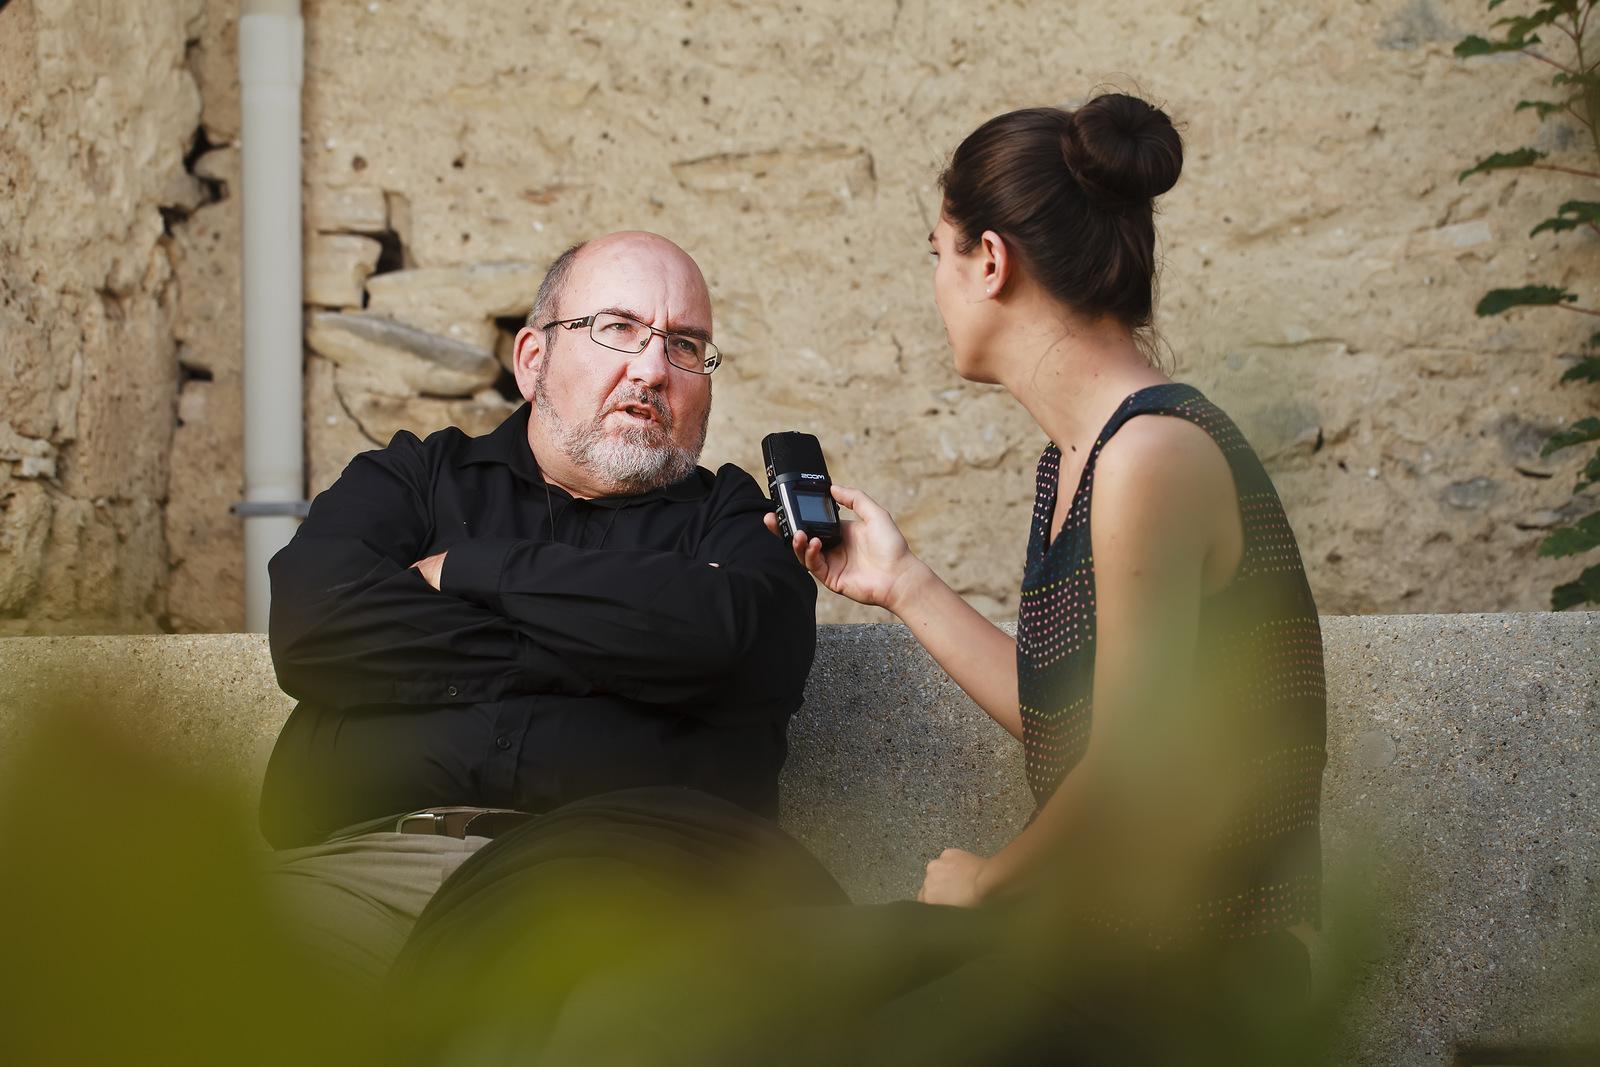 Pédophilie: la révolte du père Vignon, juge ecclésiastique